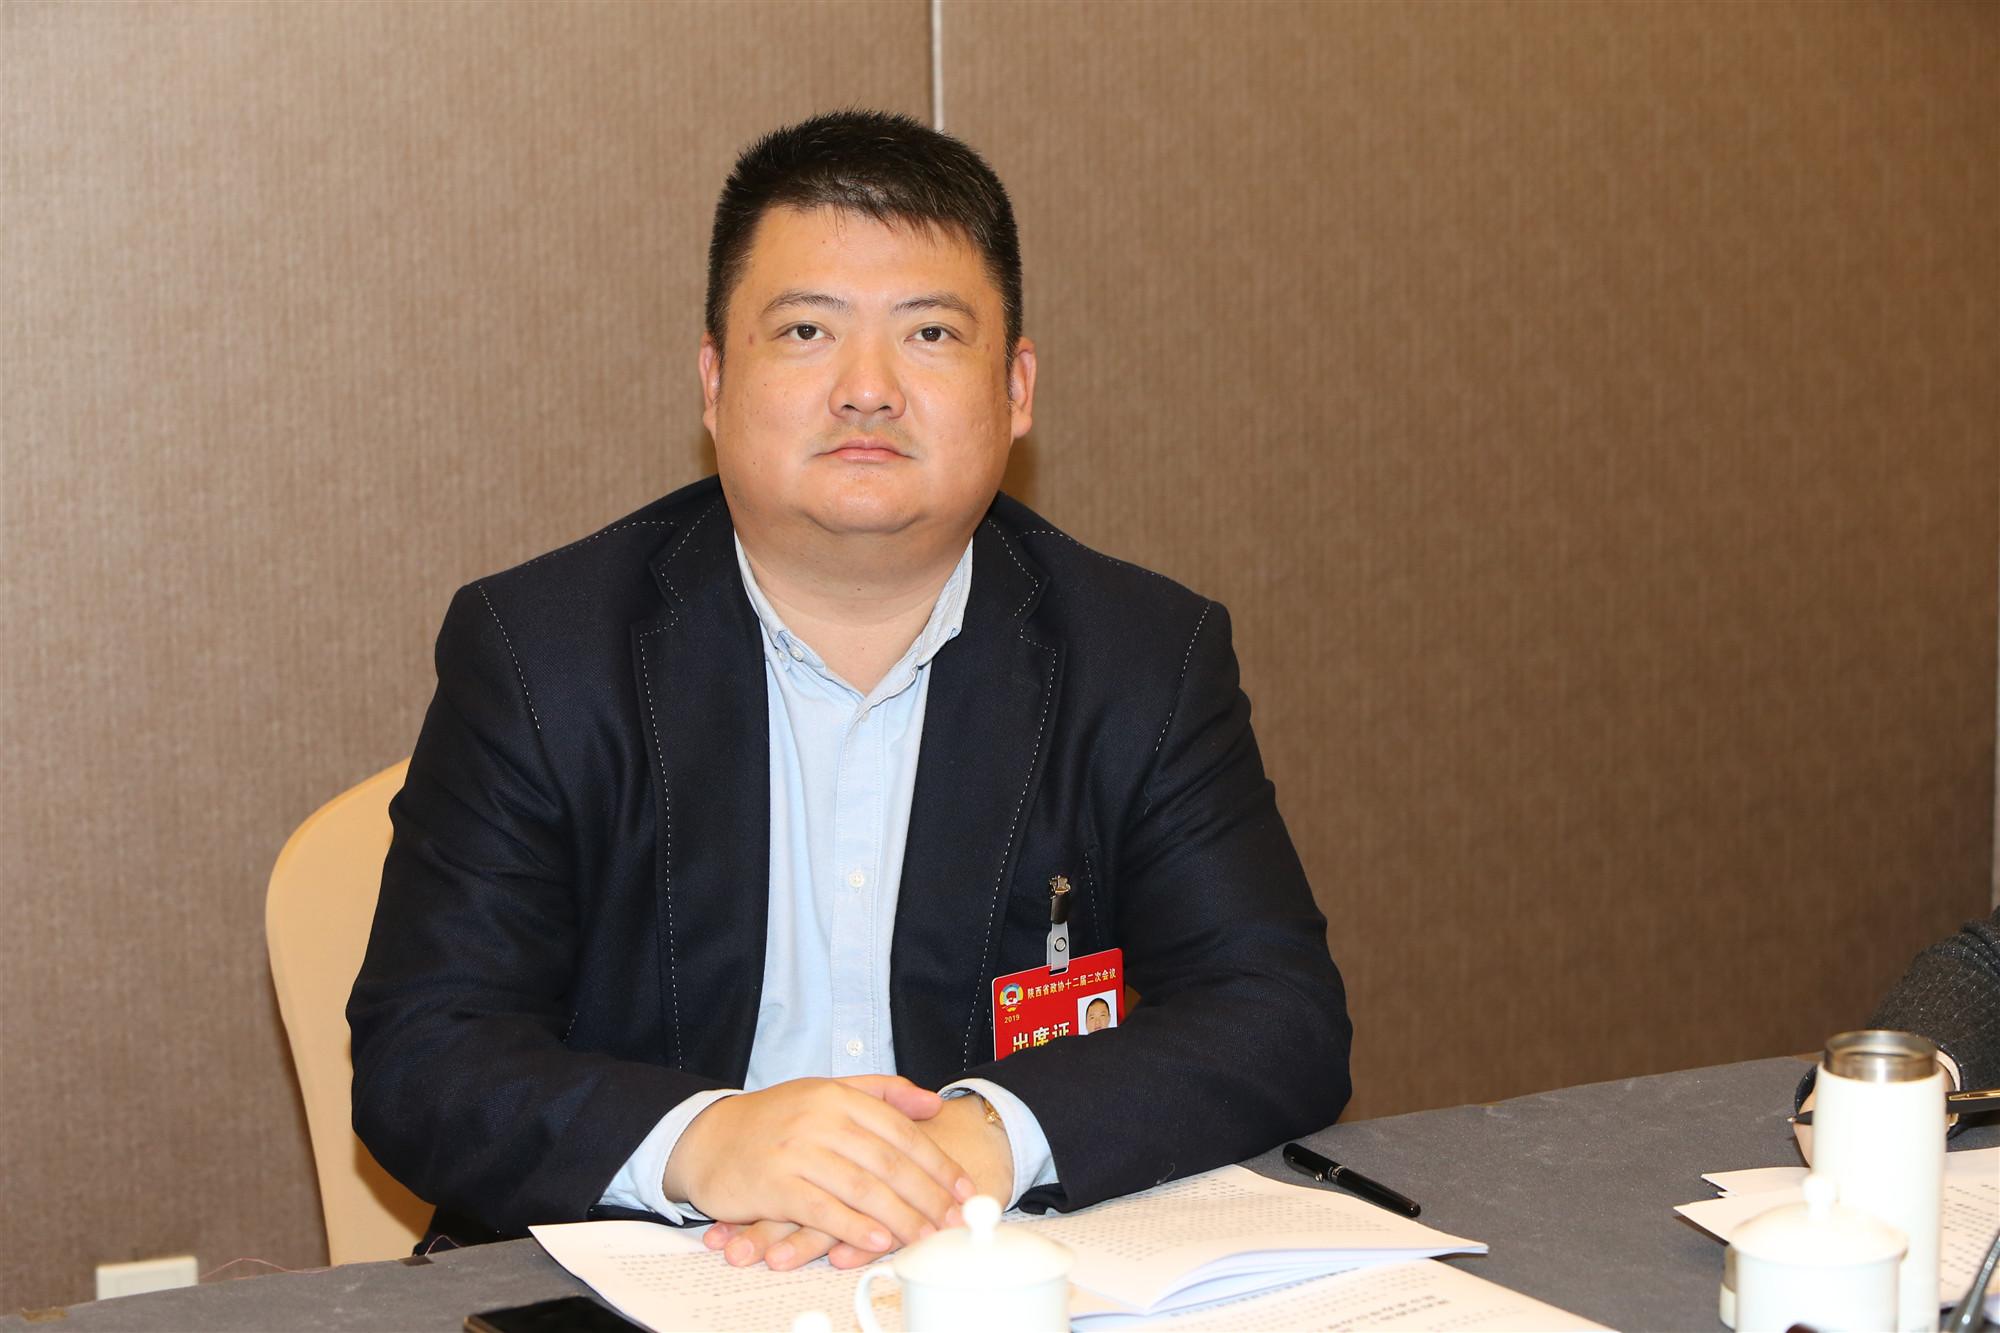 杨尚霖:让更多同胞体验黄帝文化